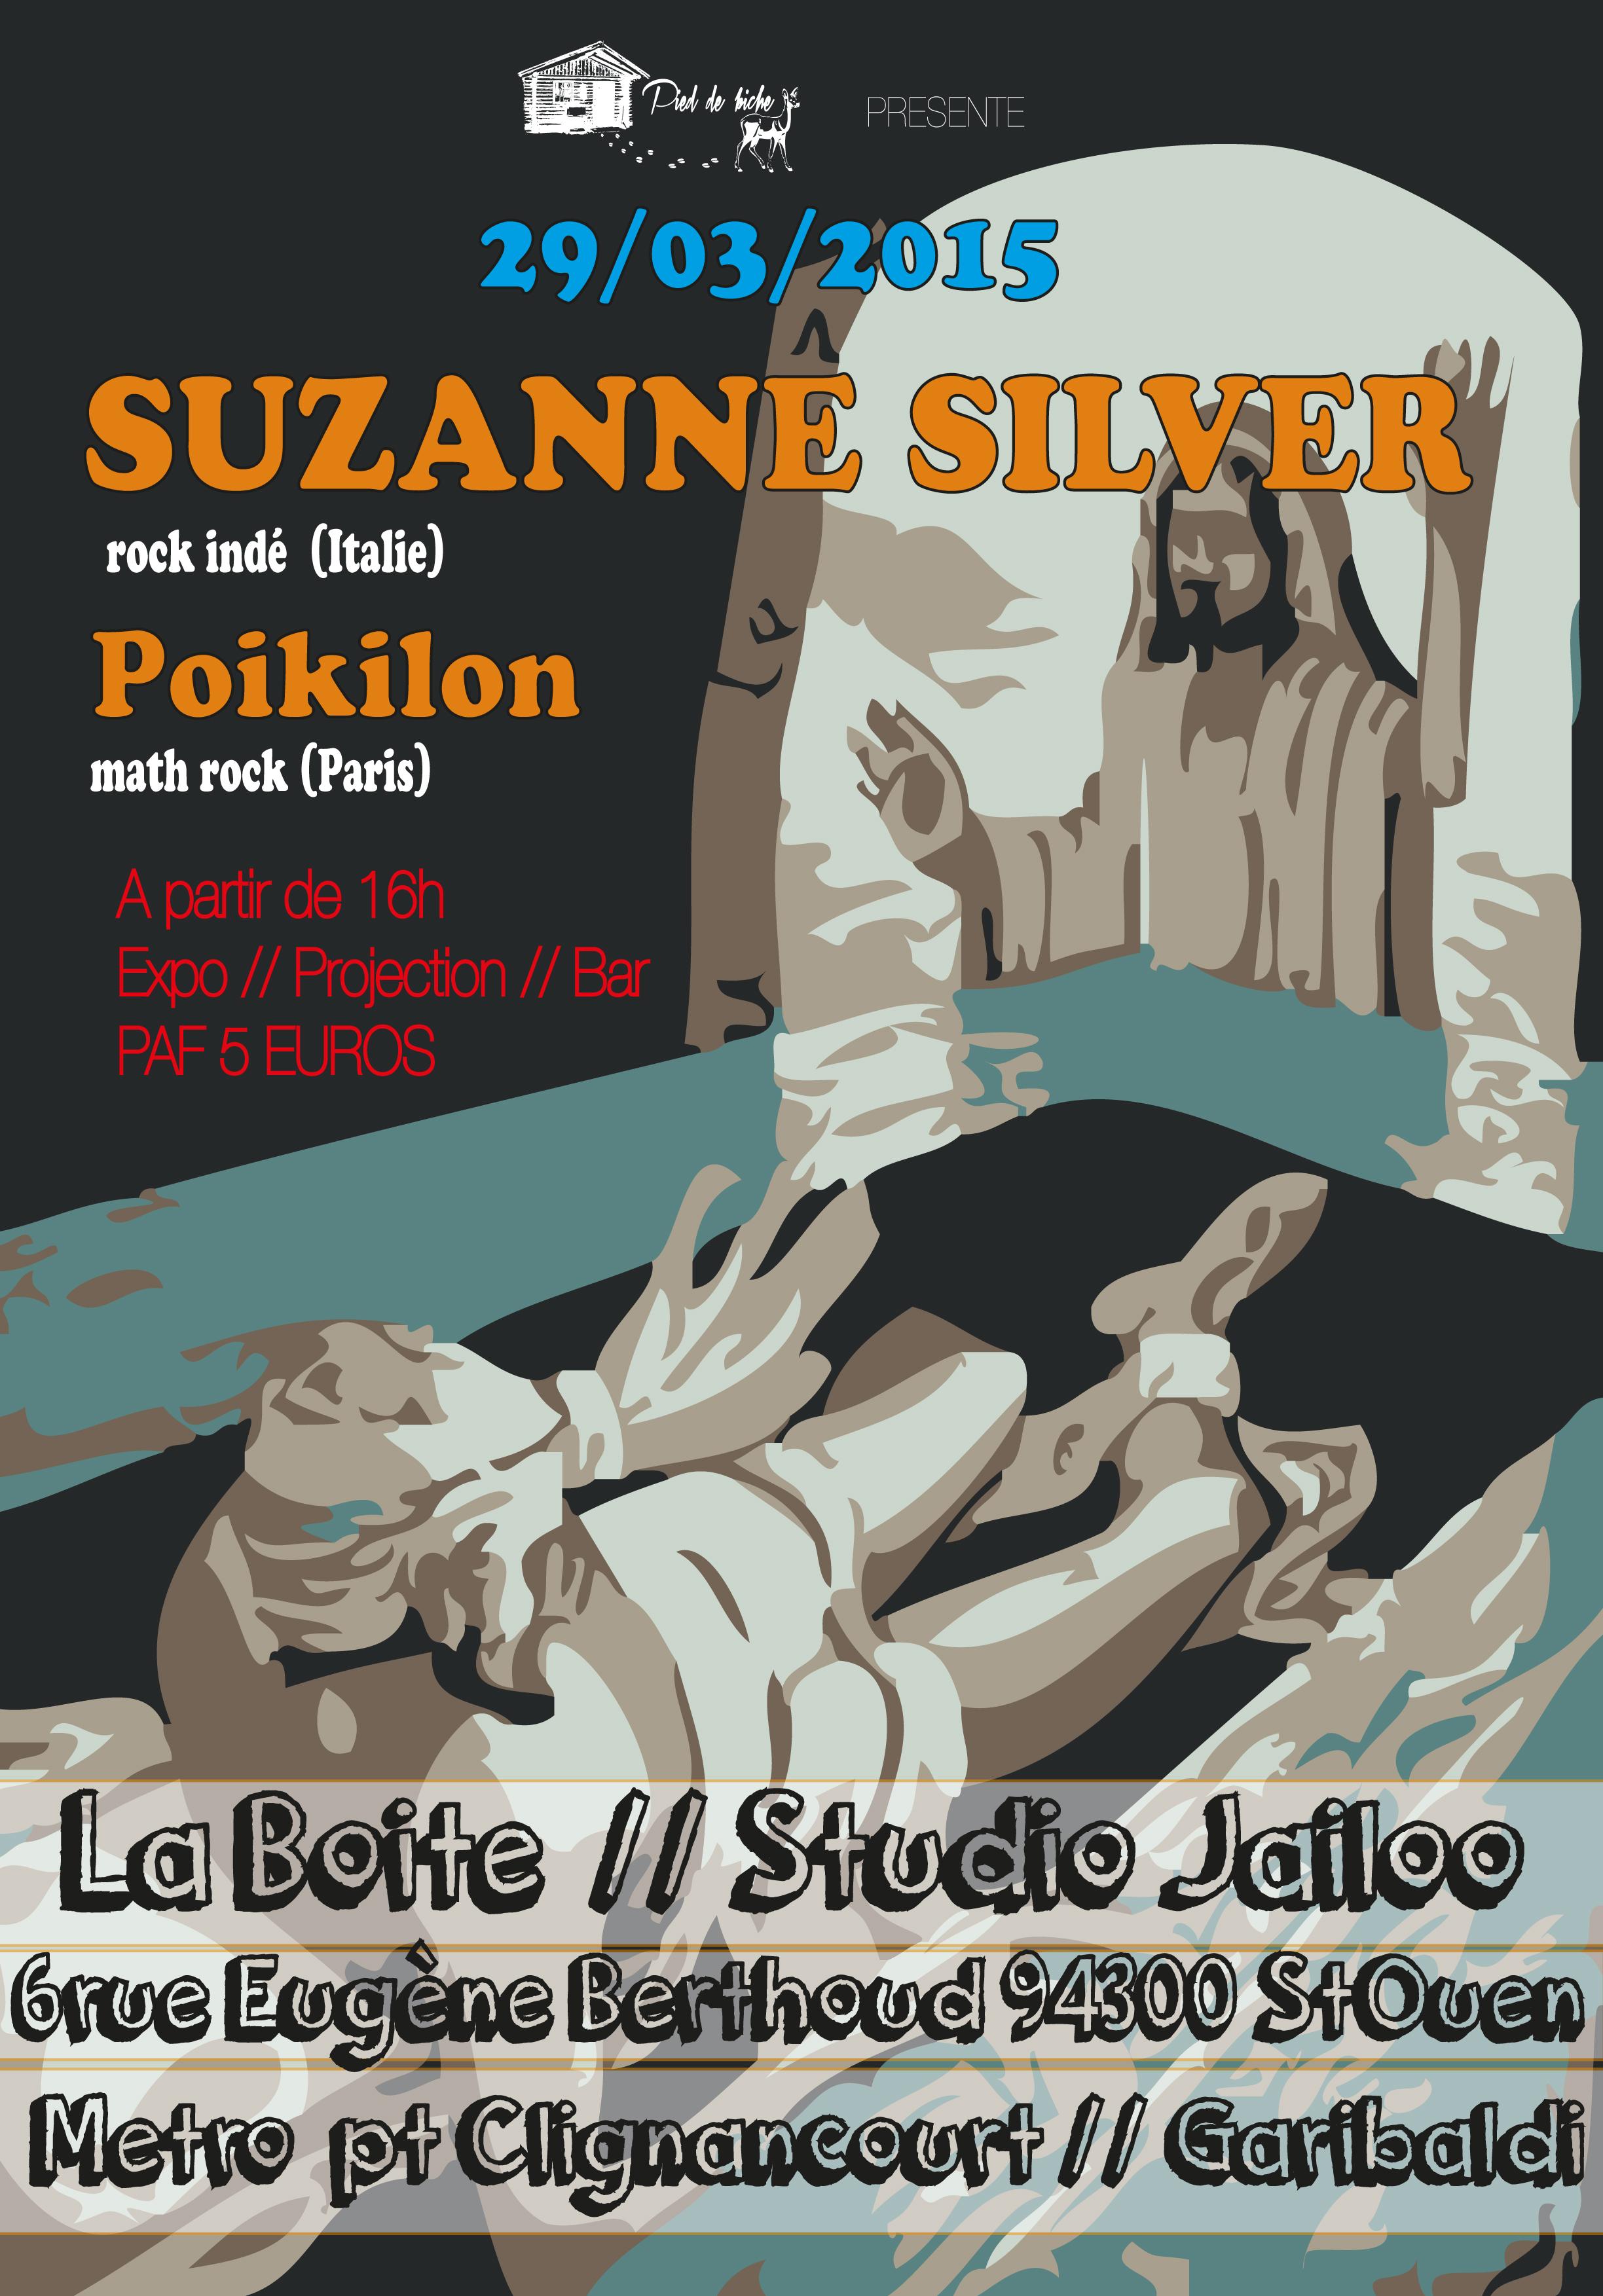 Suzanne' Silver